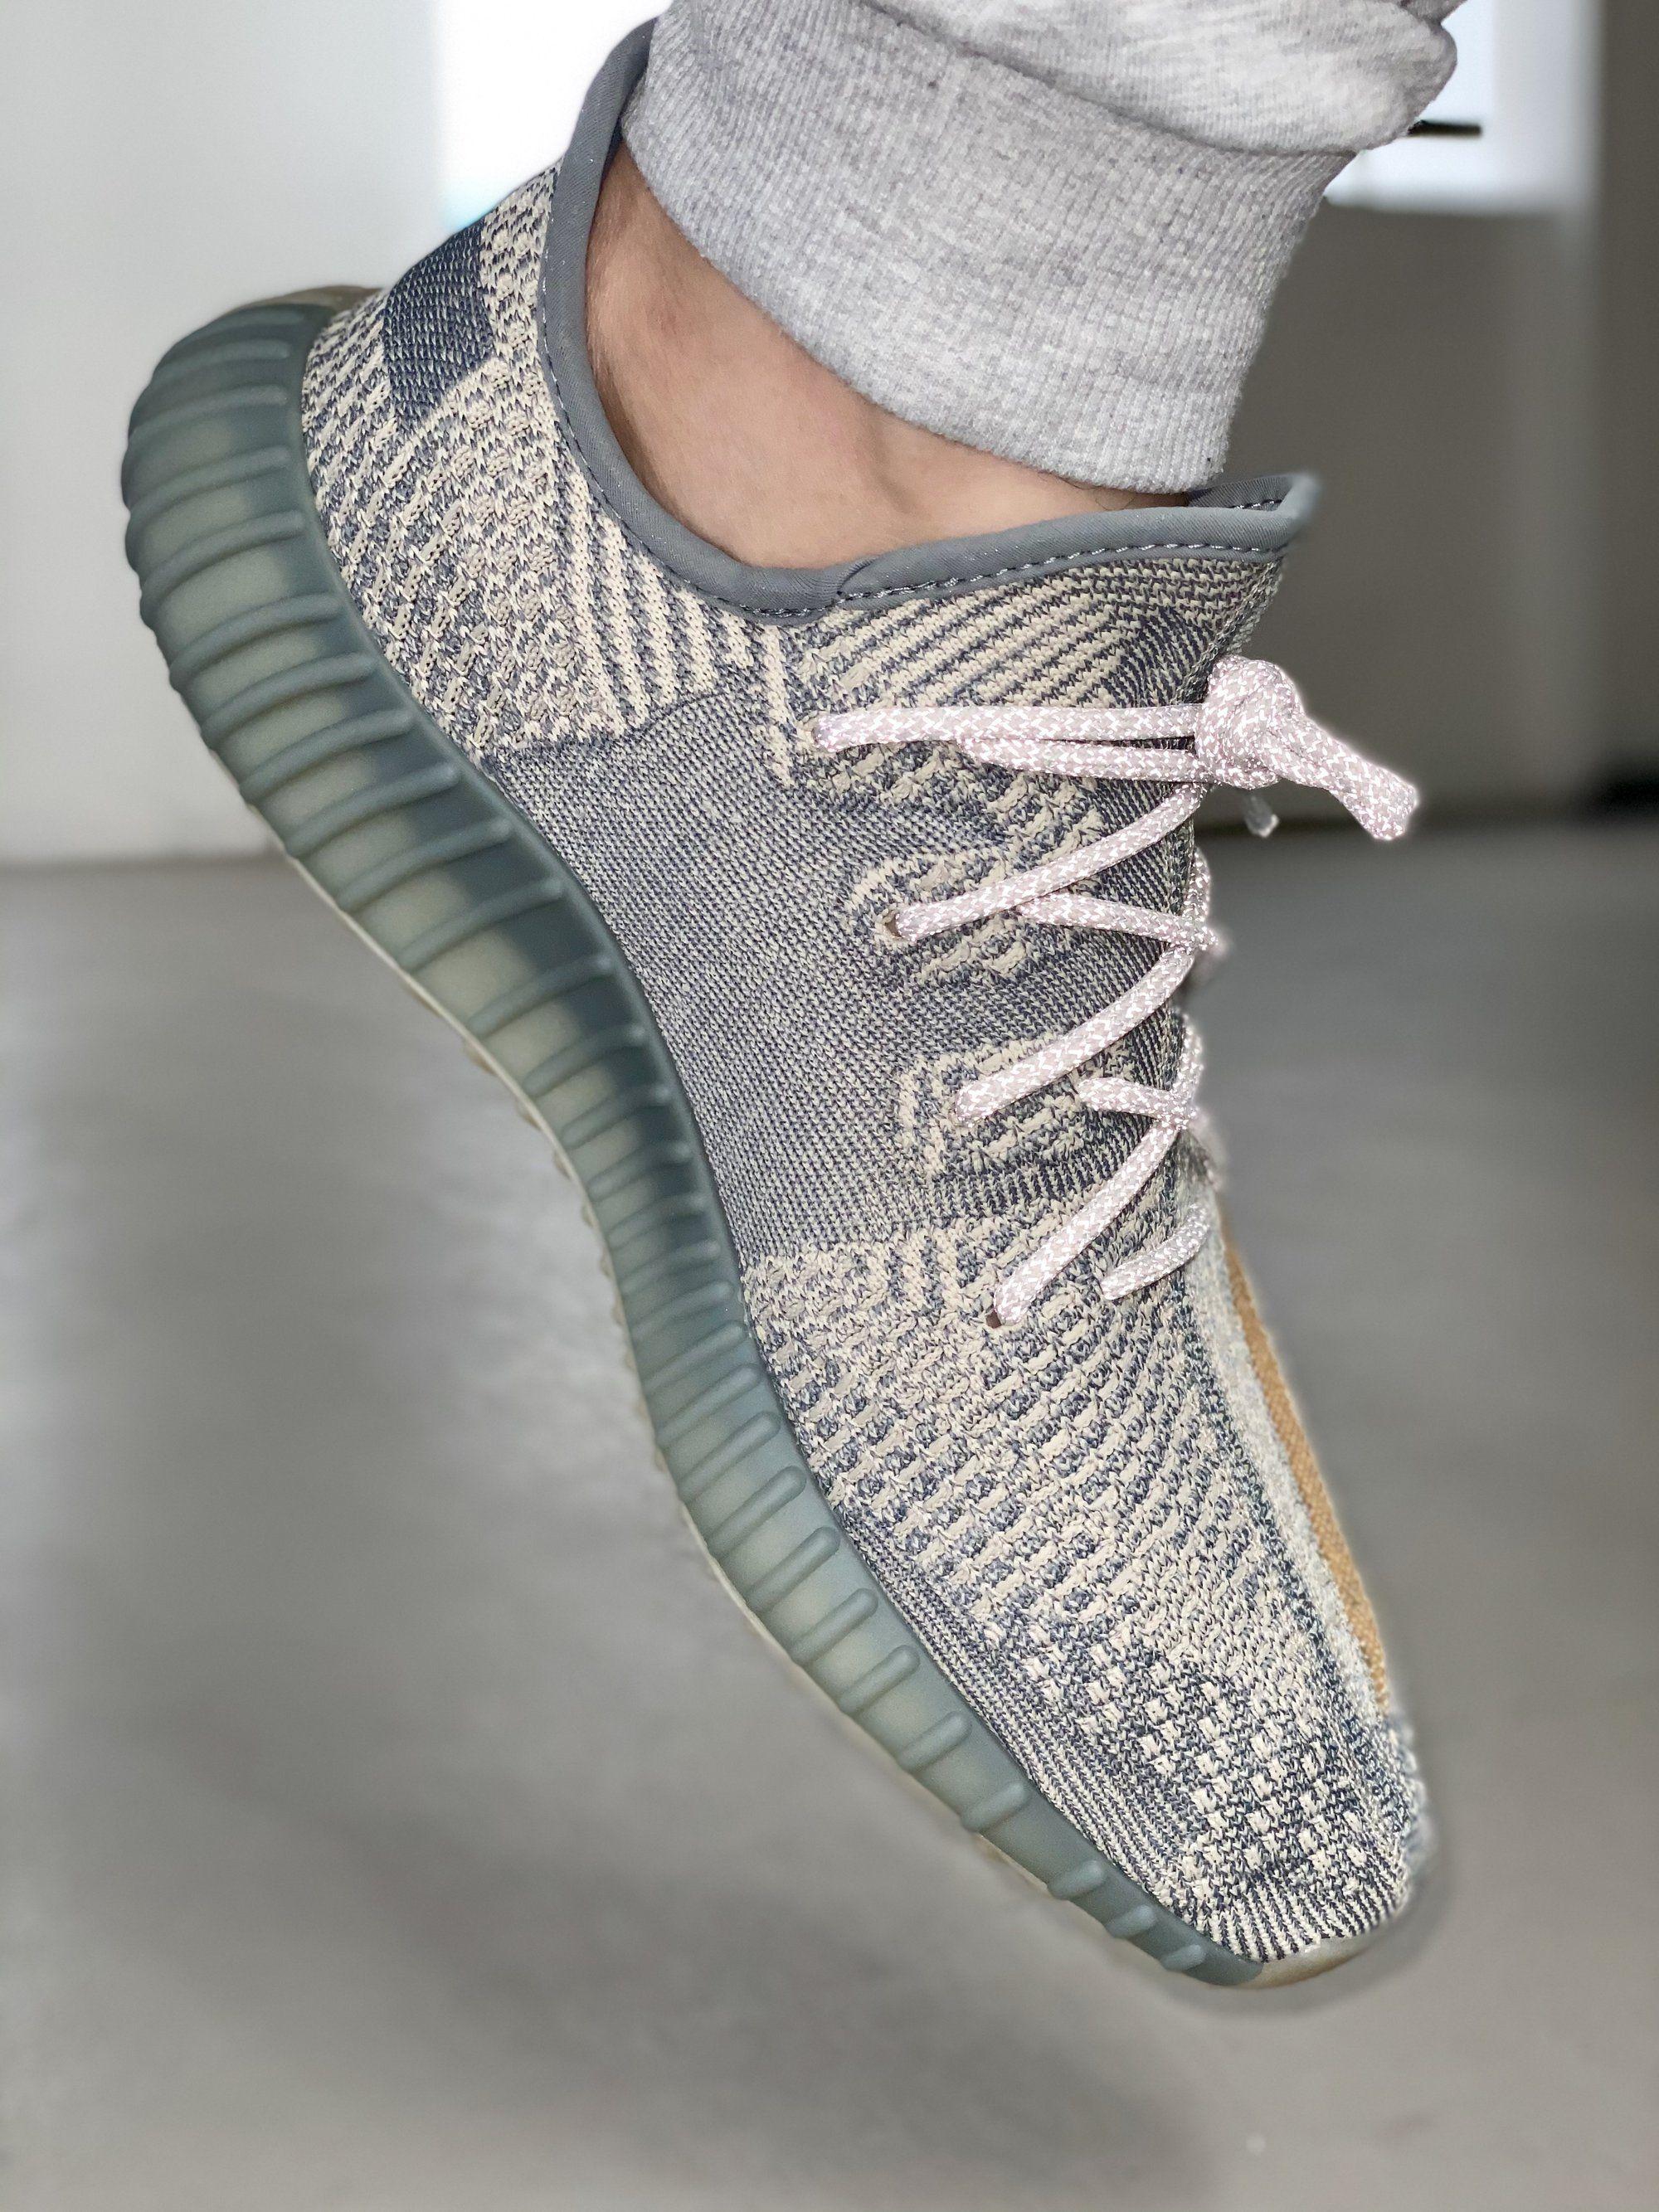 yeezy laces buy